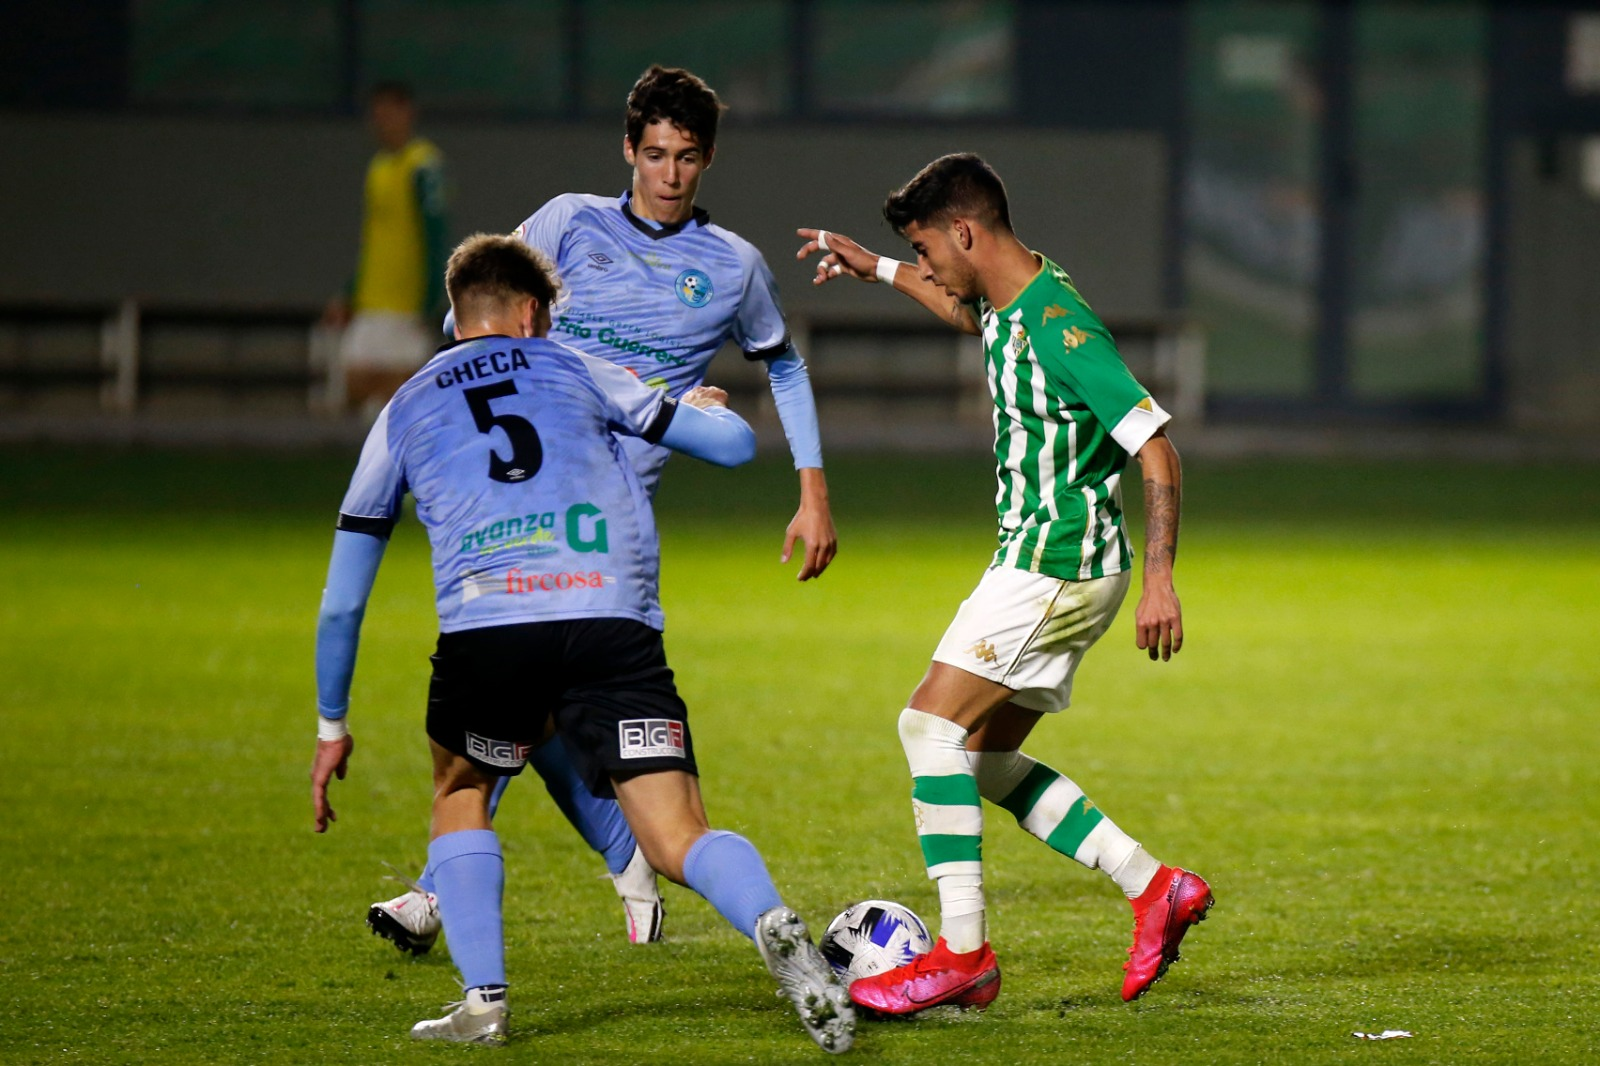 El juvenil Pablo Checa debuta con el primer equipo